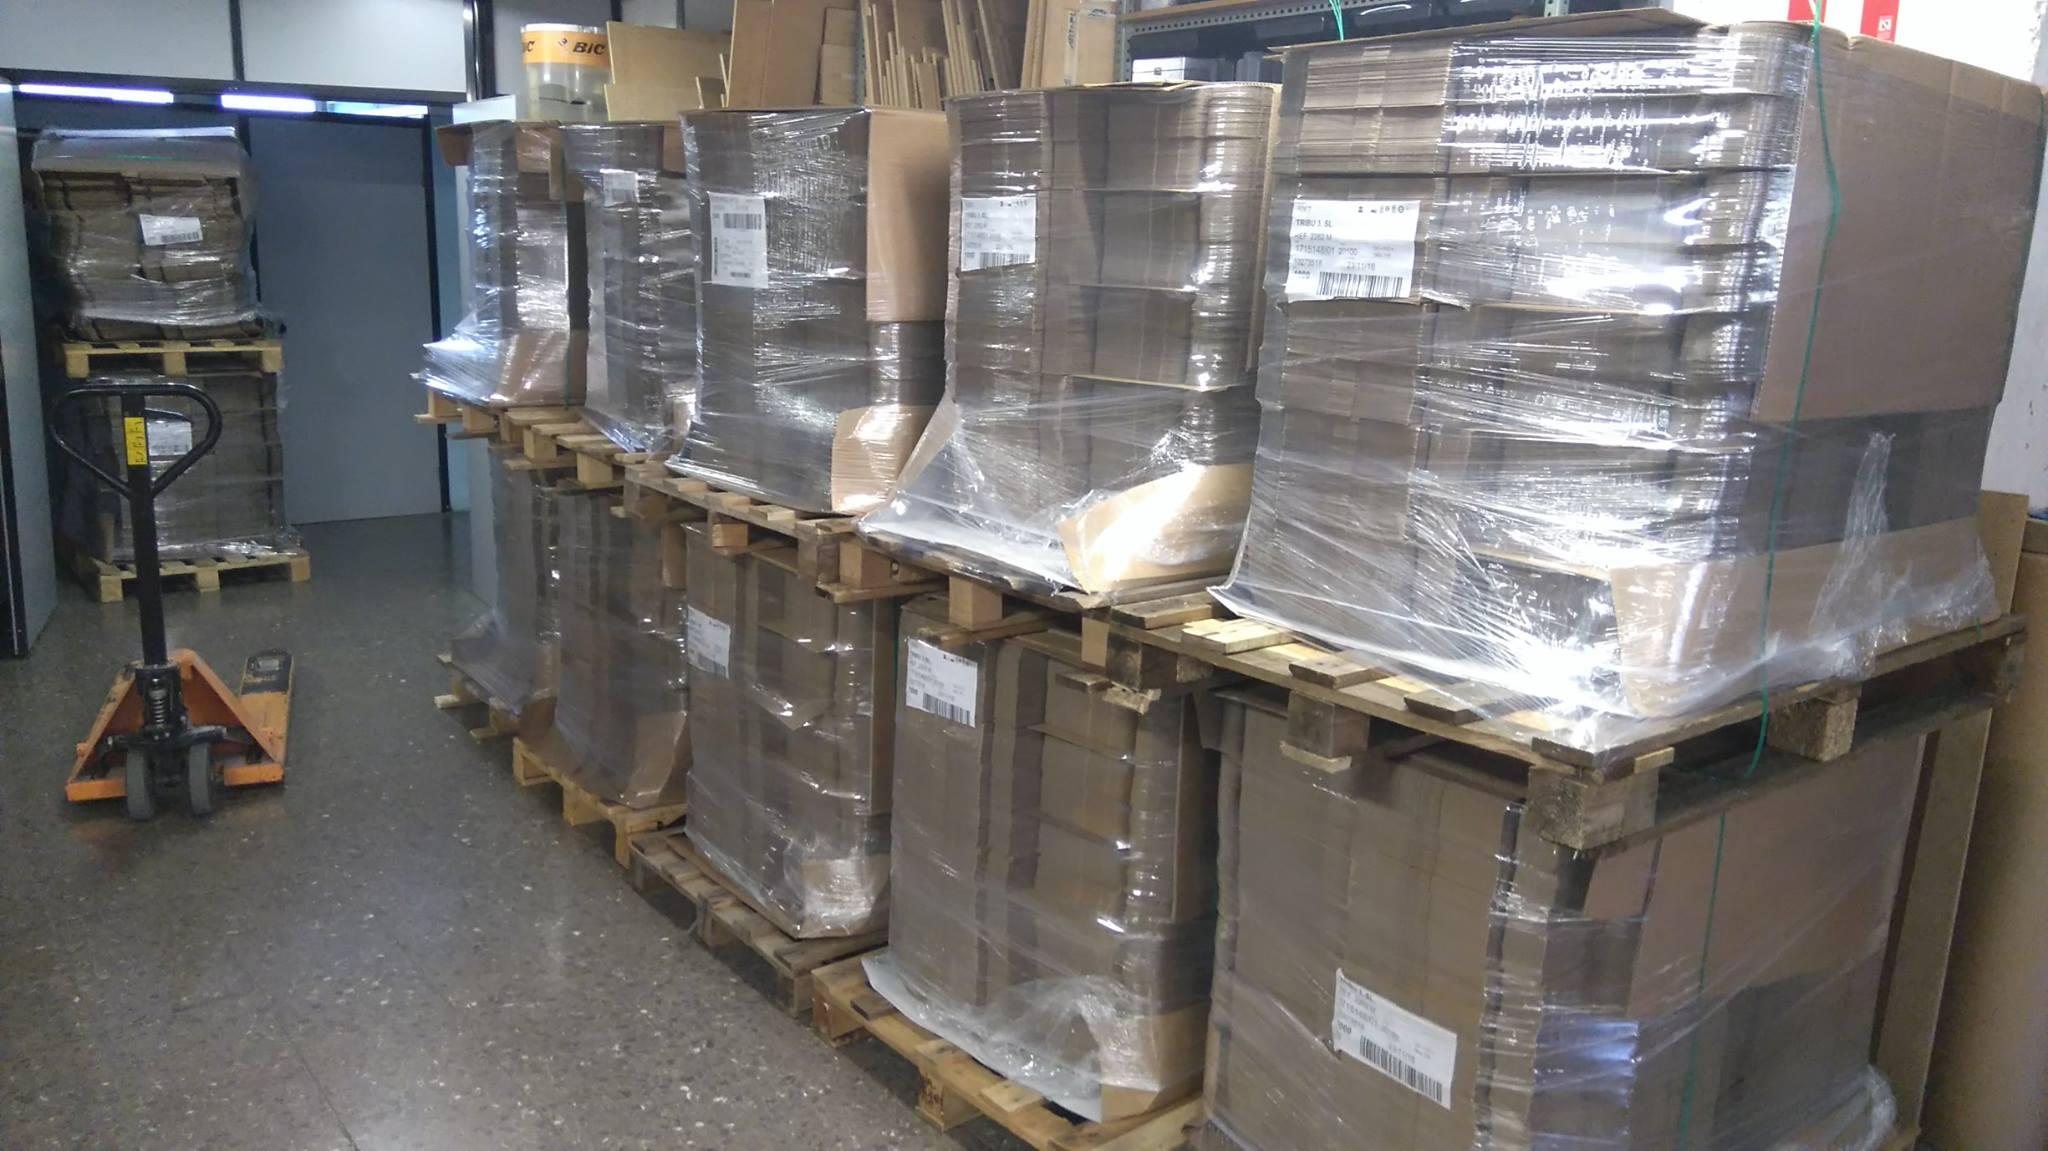 cajas-de-carton-kraft-troqulado-prepapradas-para-serigrafiar-en-art-plus-serigrafia-barcelona